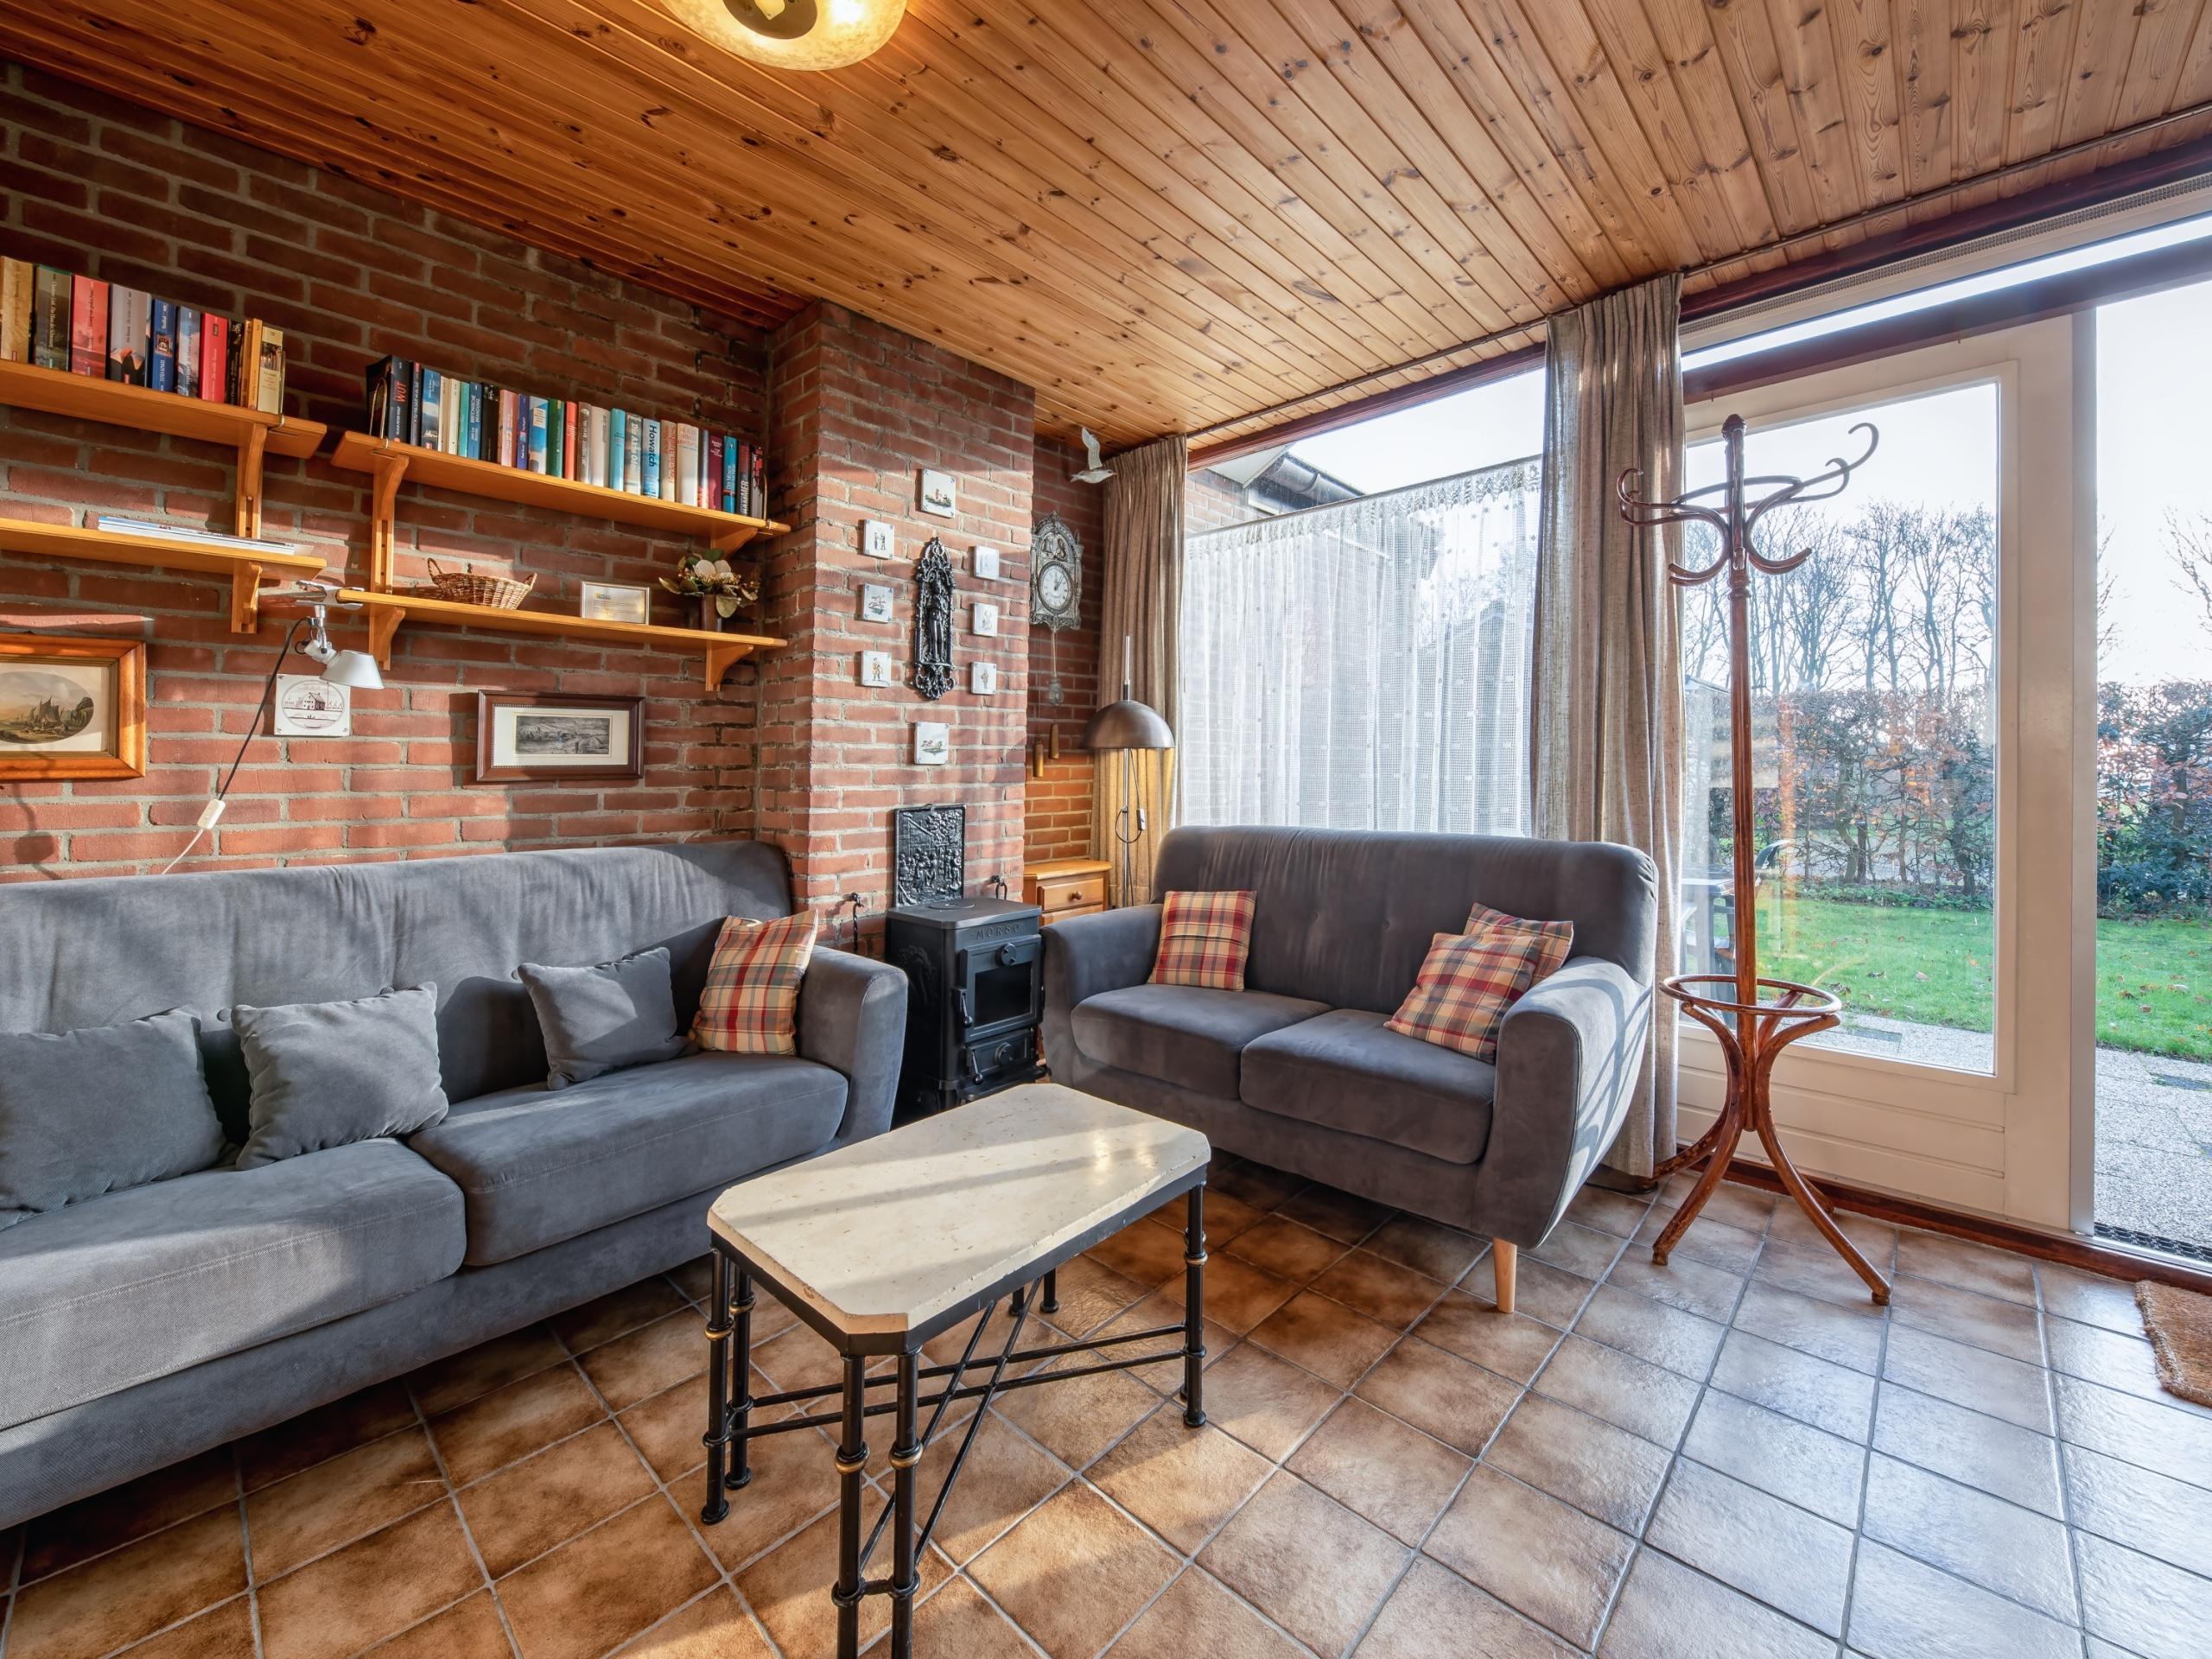 Haustierfreies Ferienhaus in der Nähe von De Slufter und den Dünen des Texel-Nationalparks